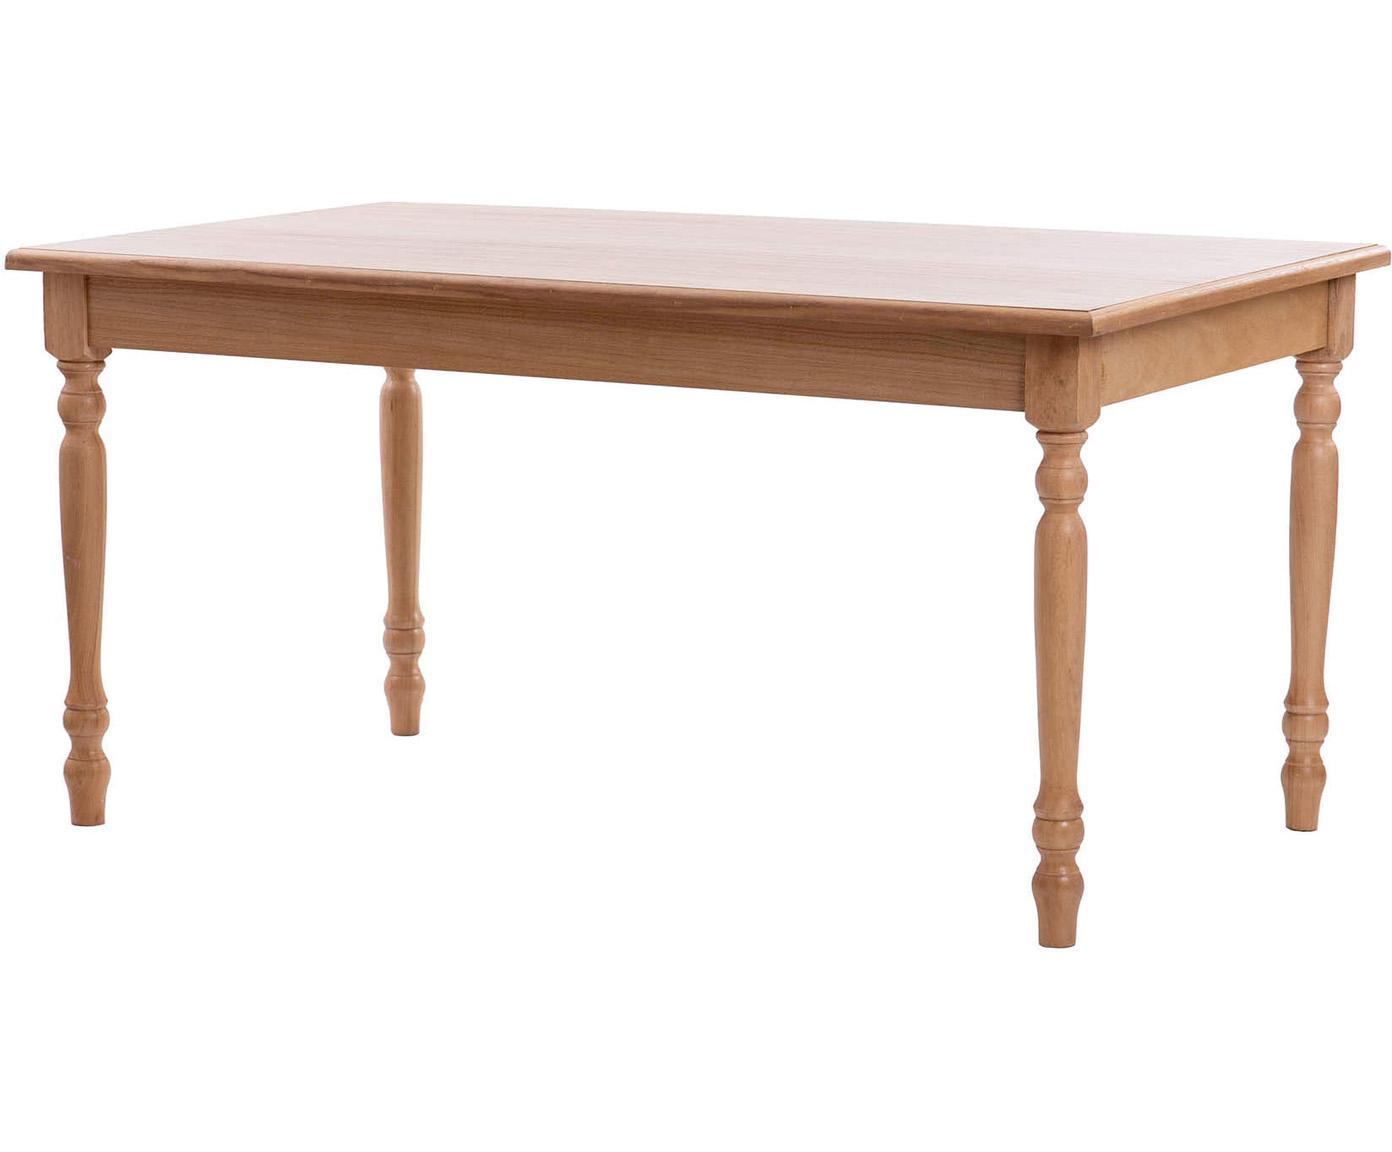 Mesa de comedor de madera Tristan, Marrón, An 160 x Al 76 cm